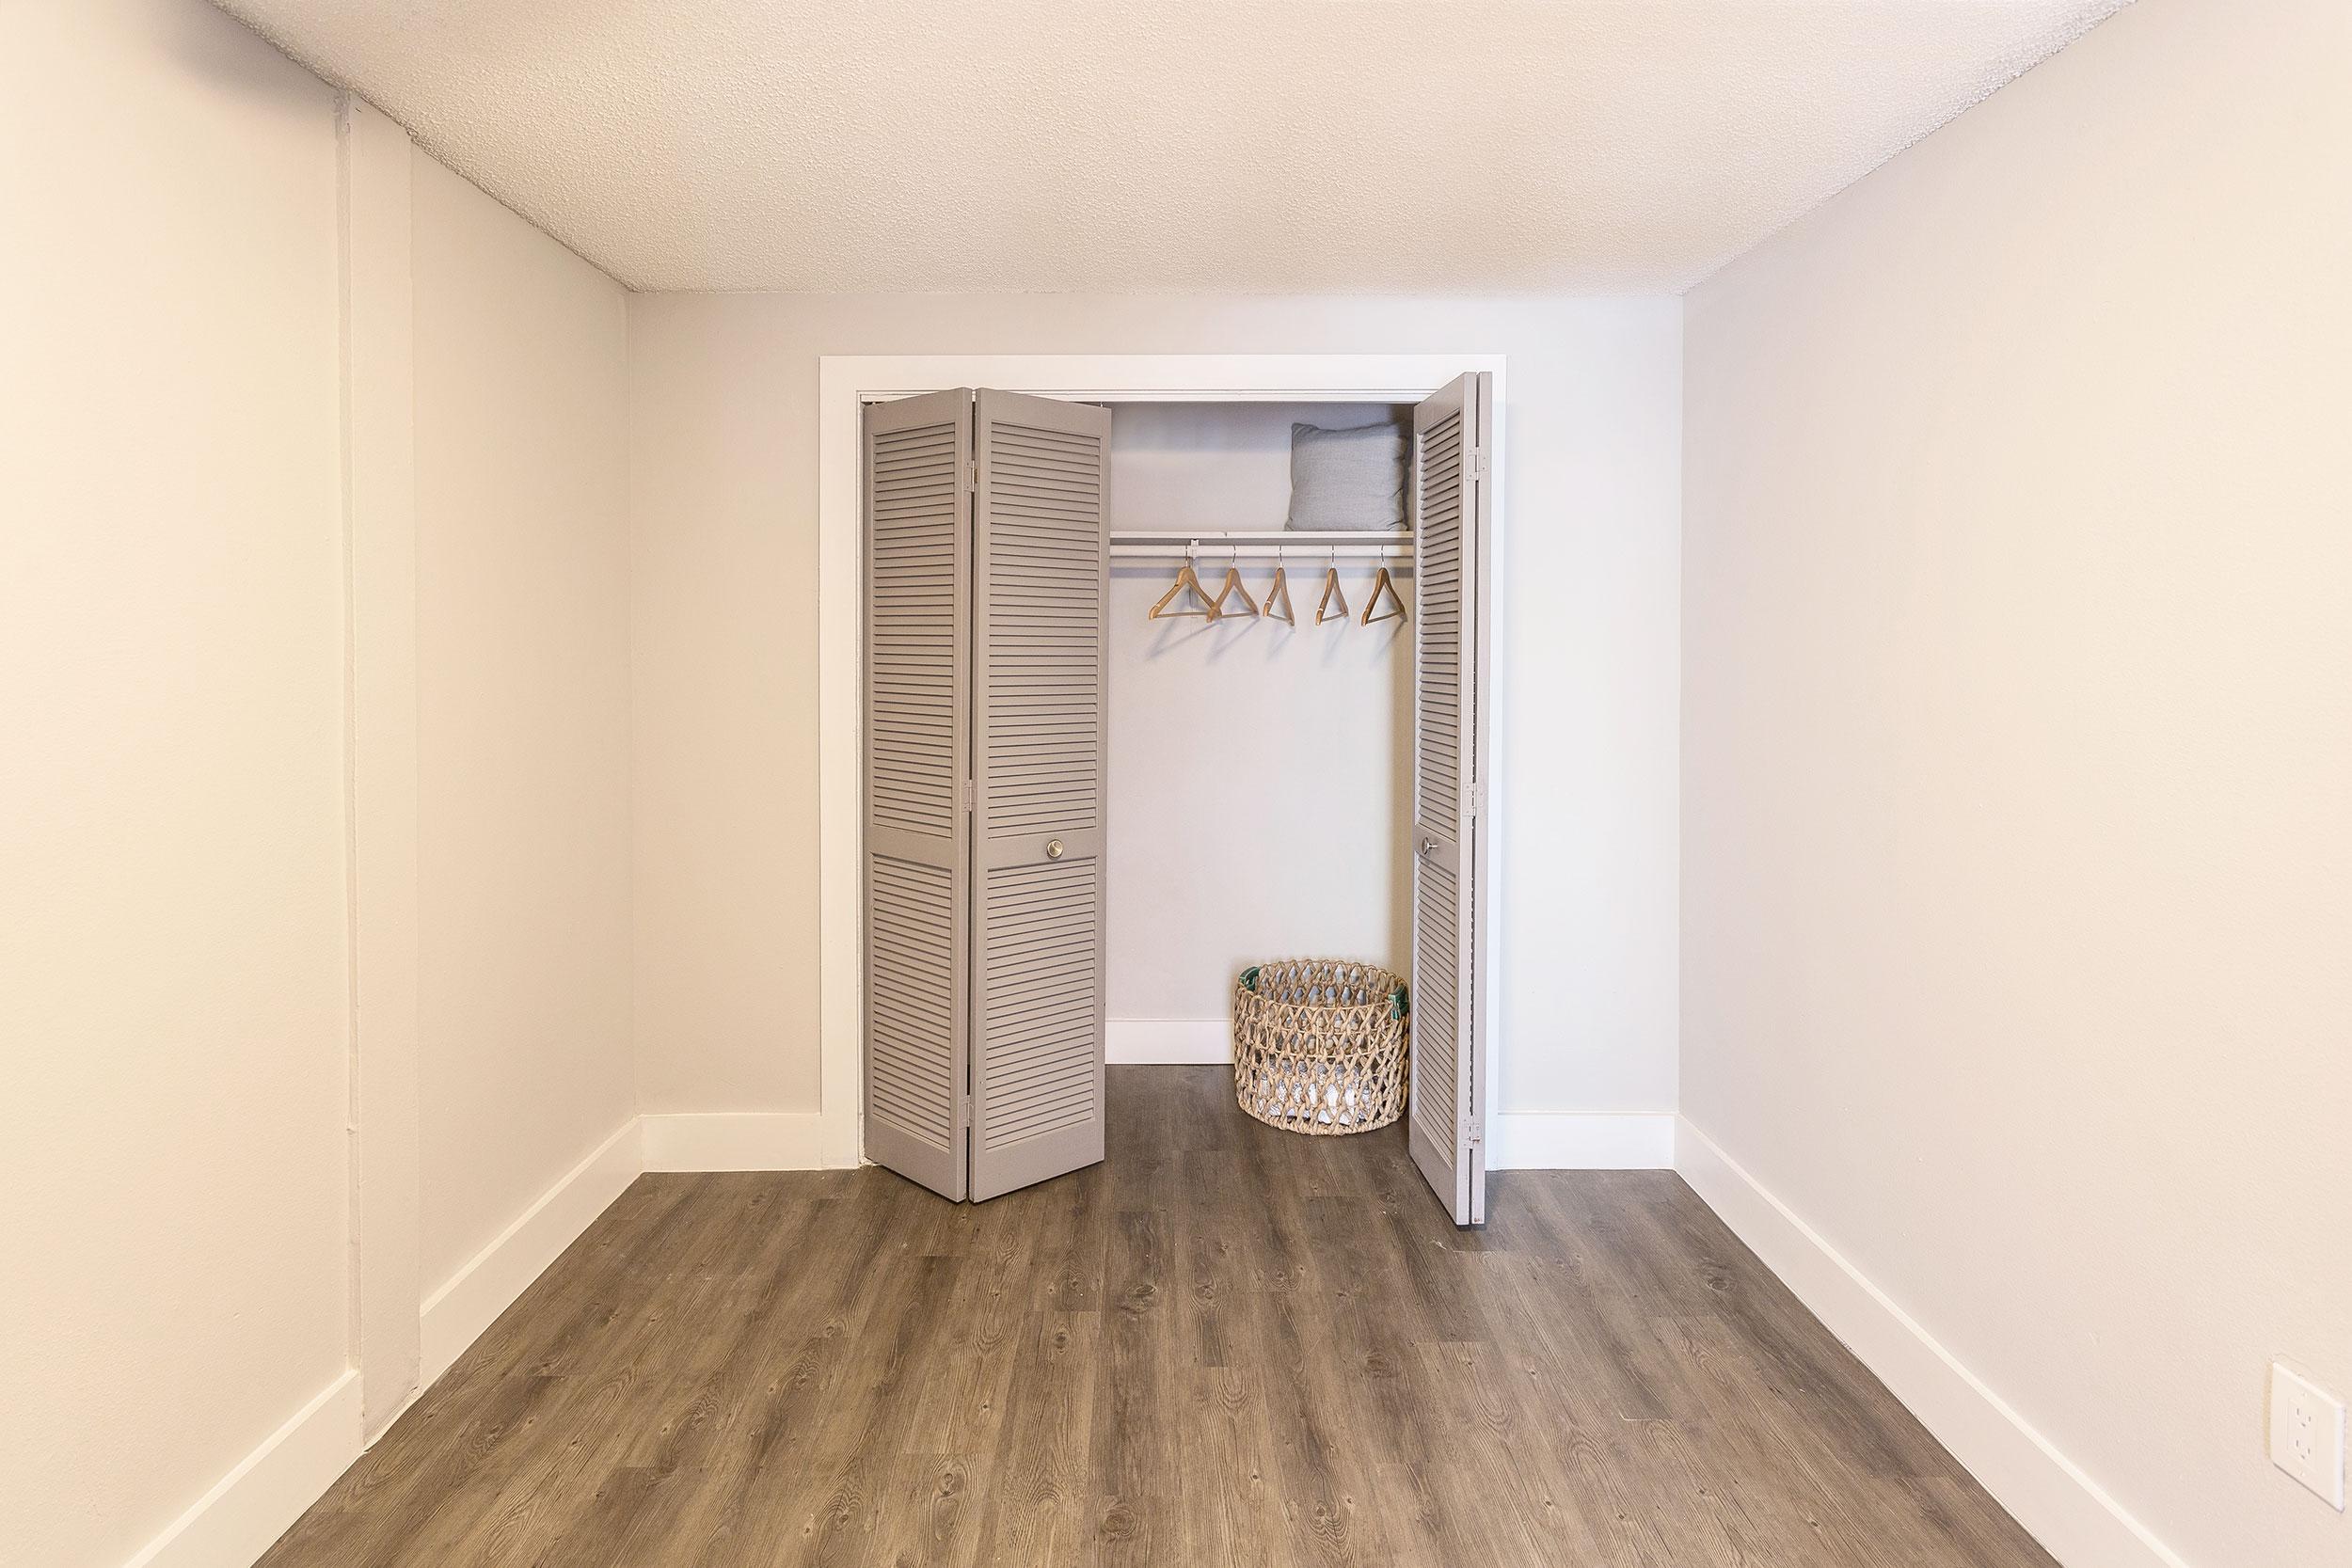 Sch-bedroom-closet